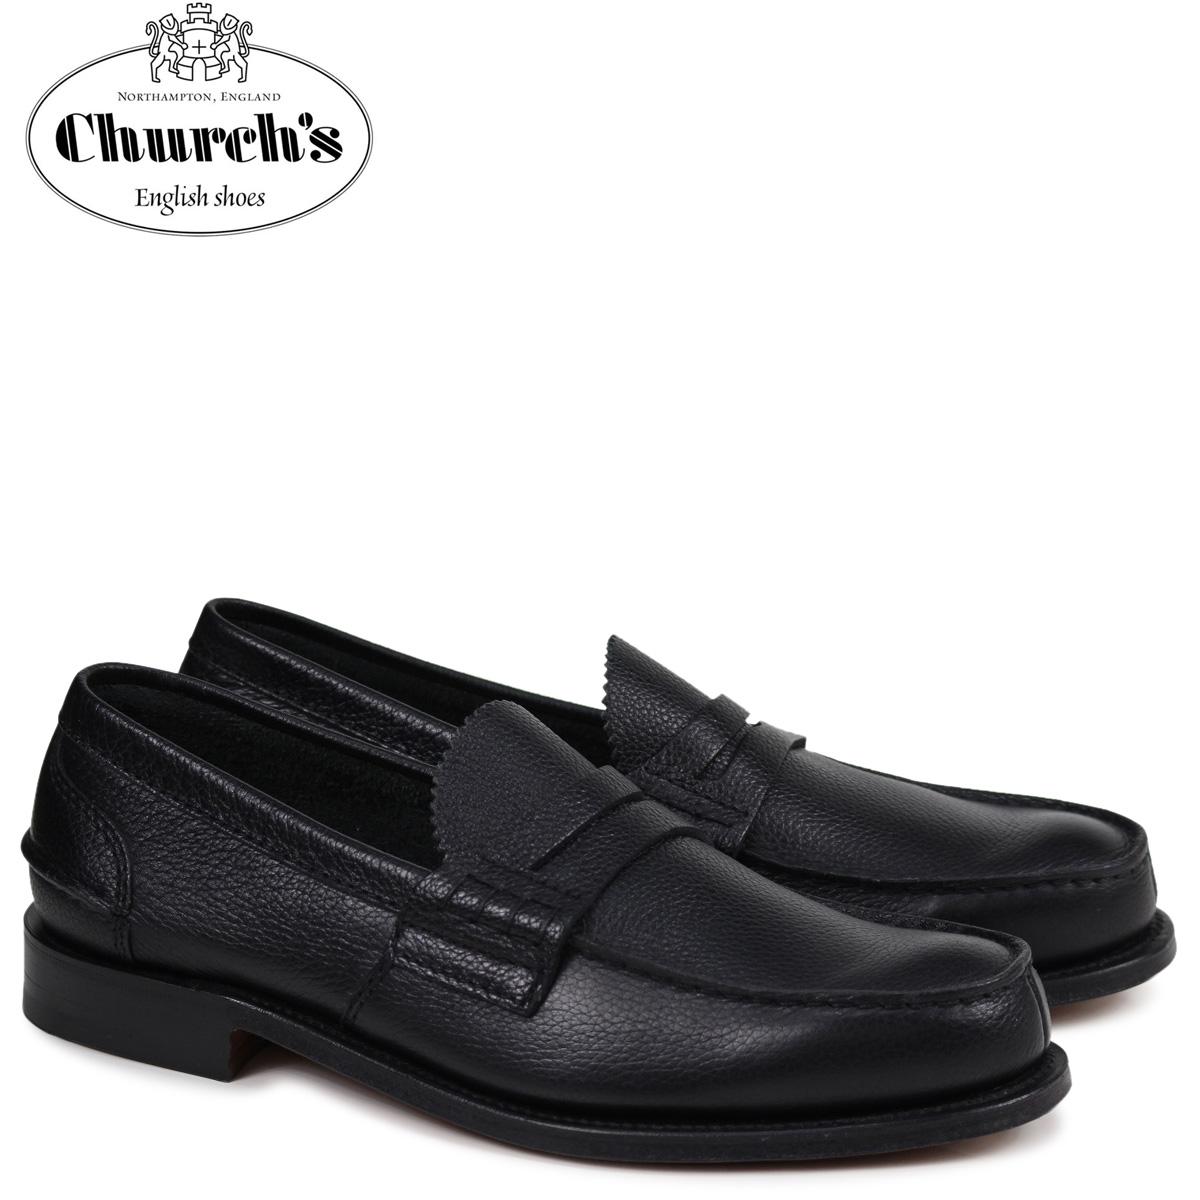 チャーチ Church's 靴 ローファー メンズ PEMBREY LOAFERS ブラック EDB003